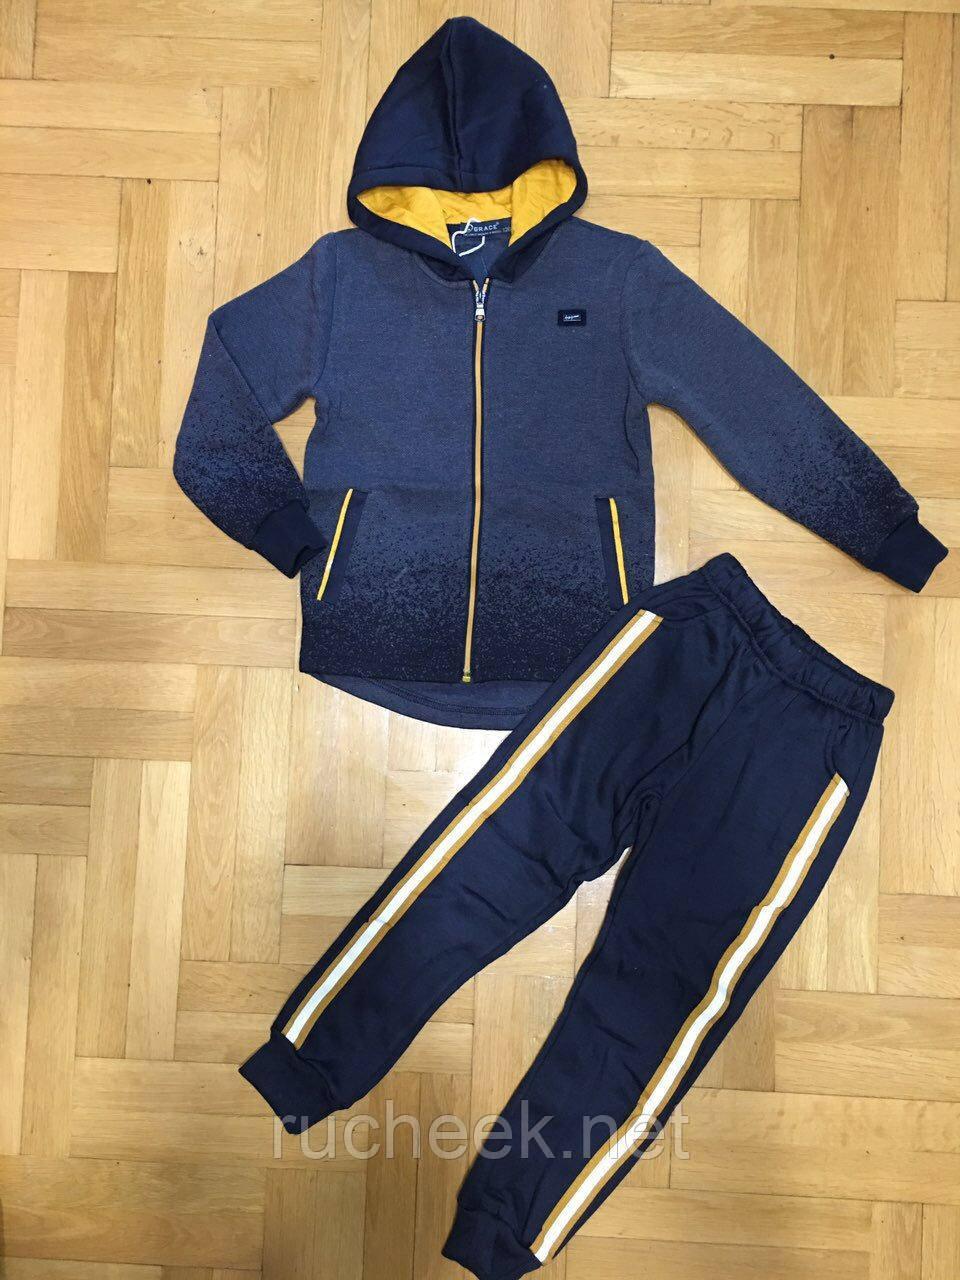 Теплый спортивный костюм для мальчика рост 128-134.  Детский костюм на флисе. Grace 82606